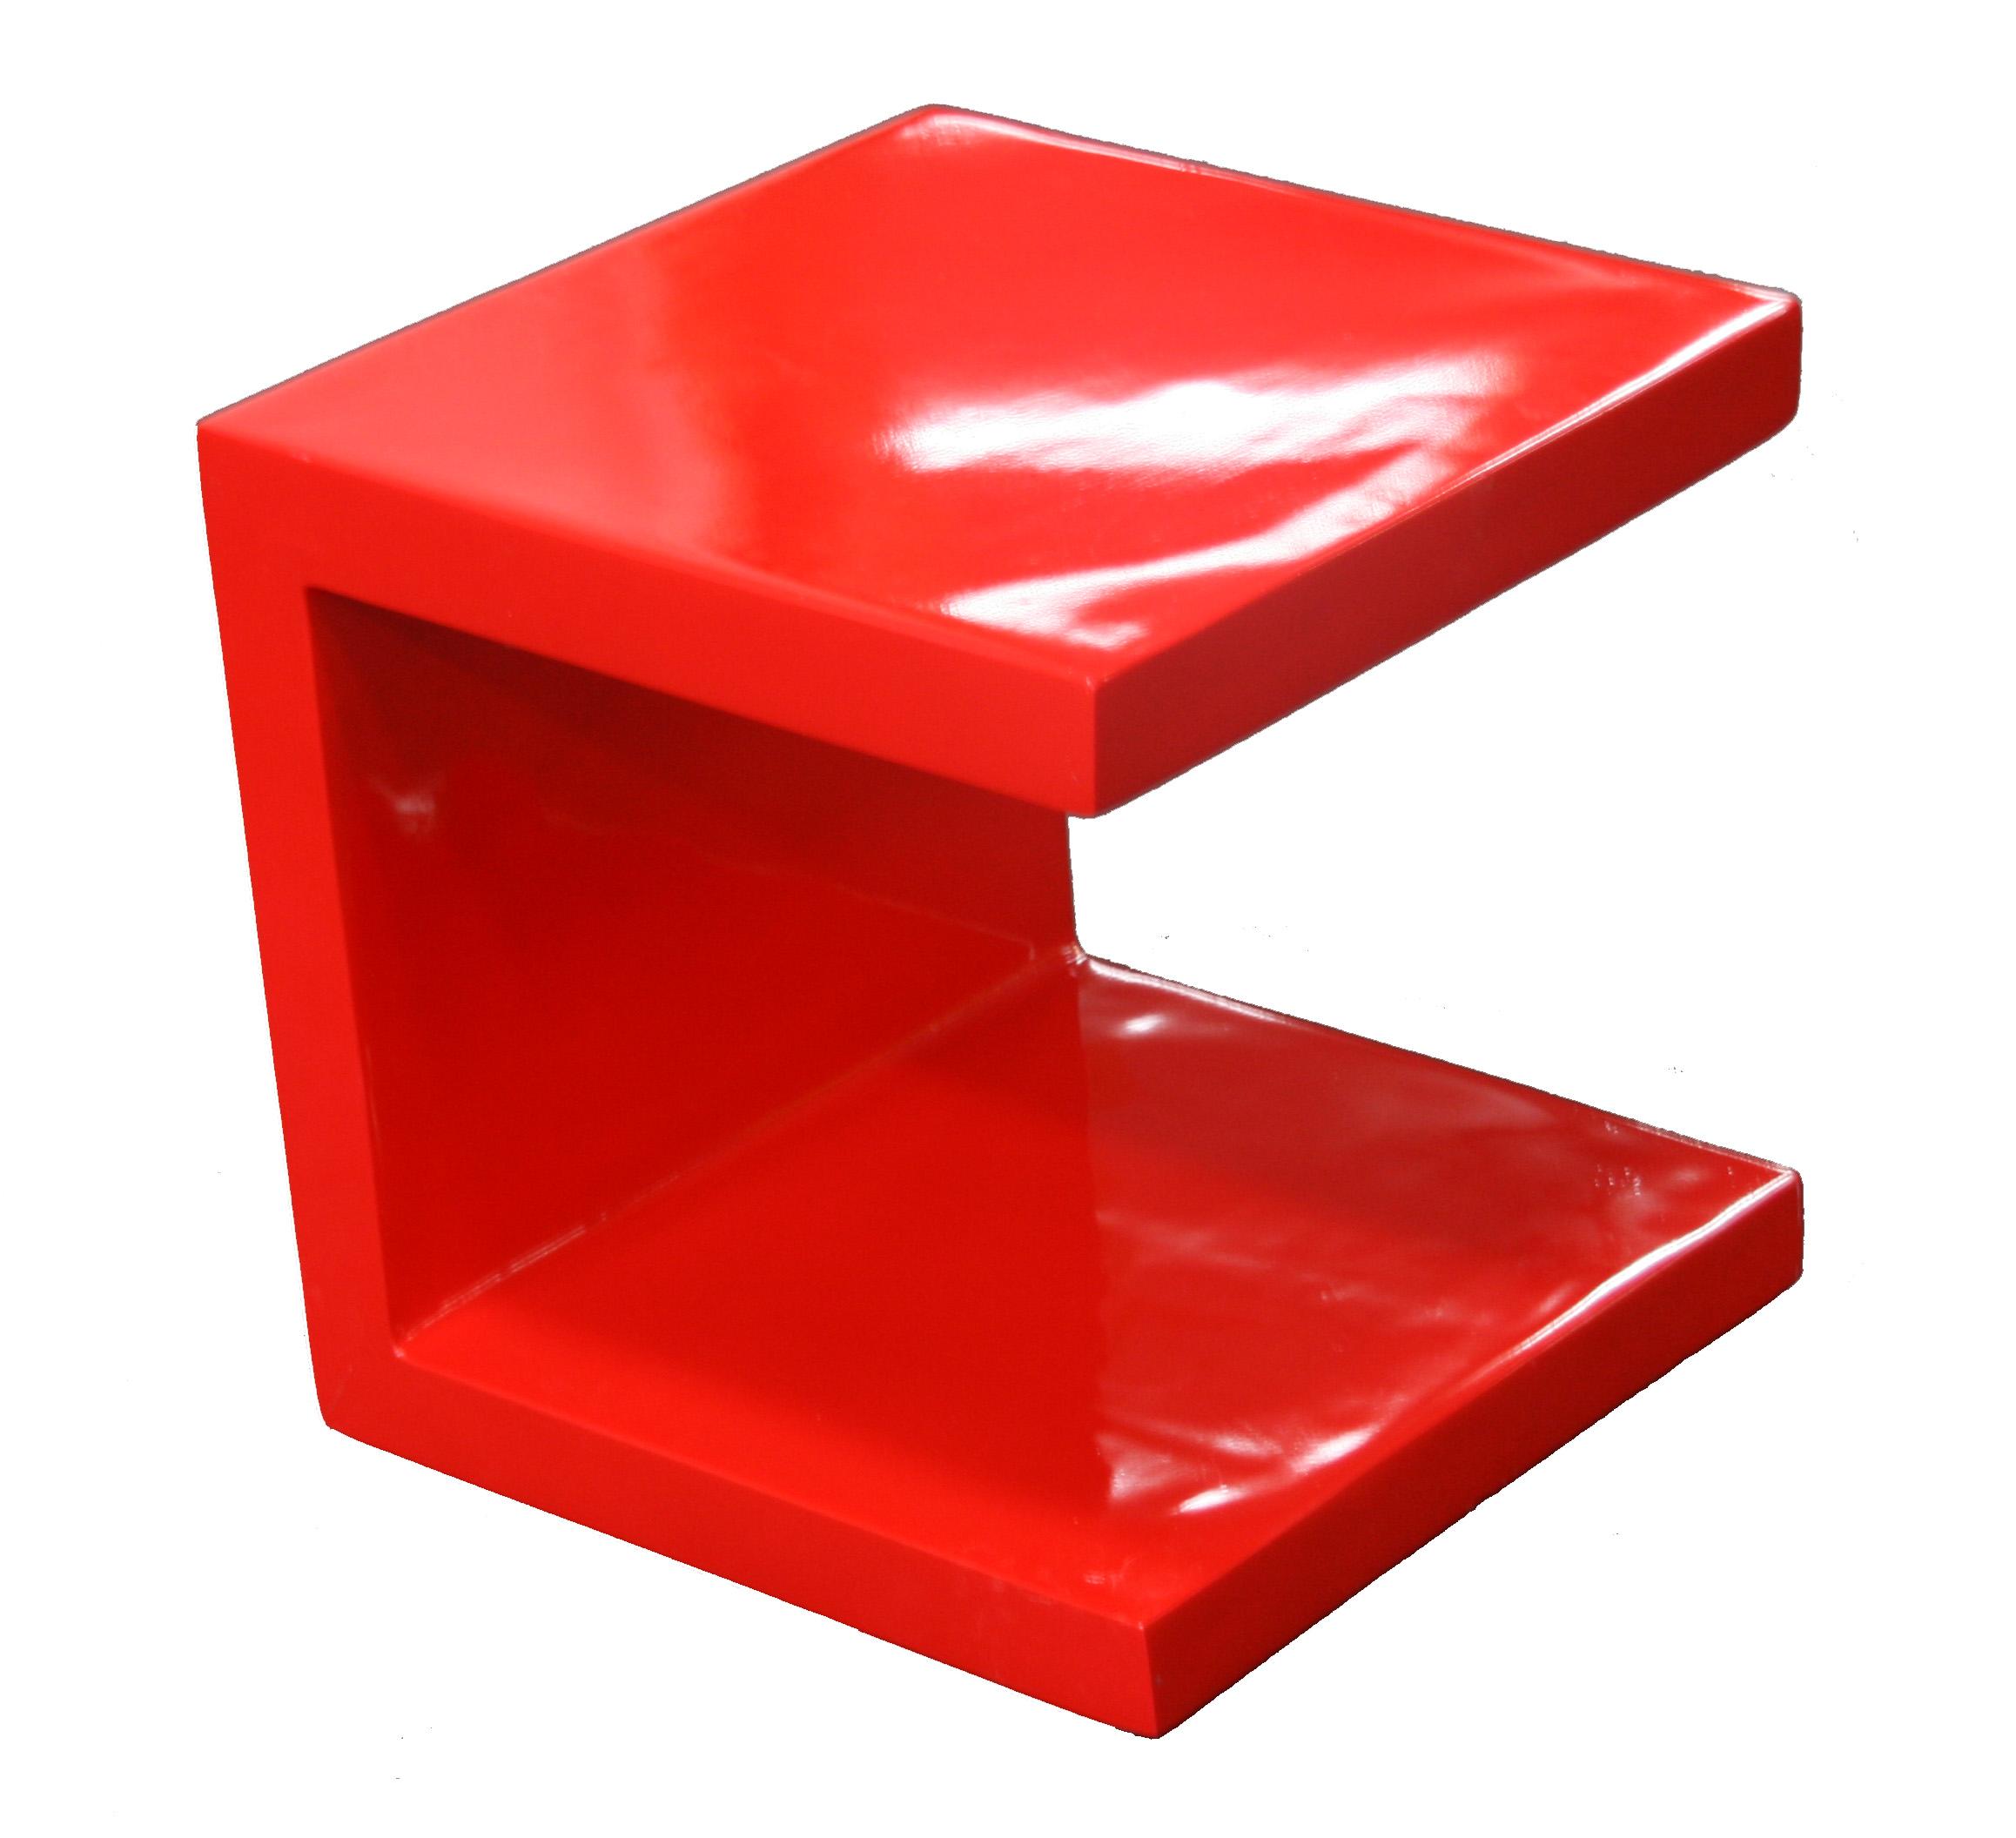 Modern Furniture Knockoff 28 Images